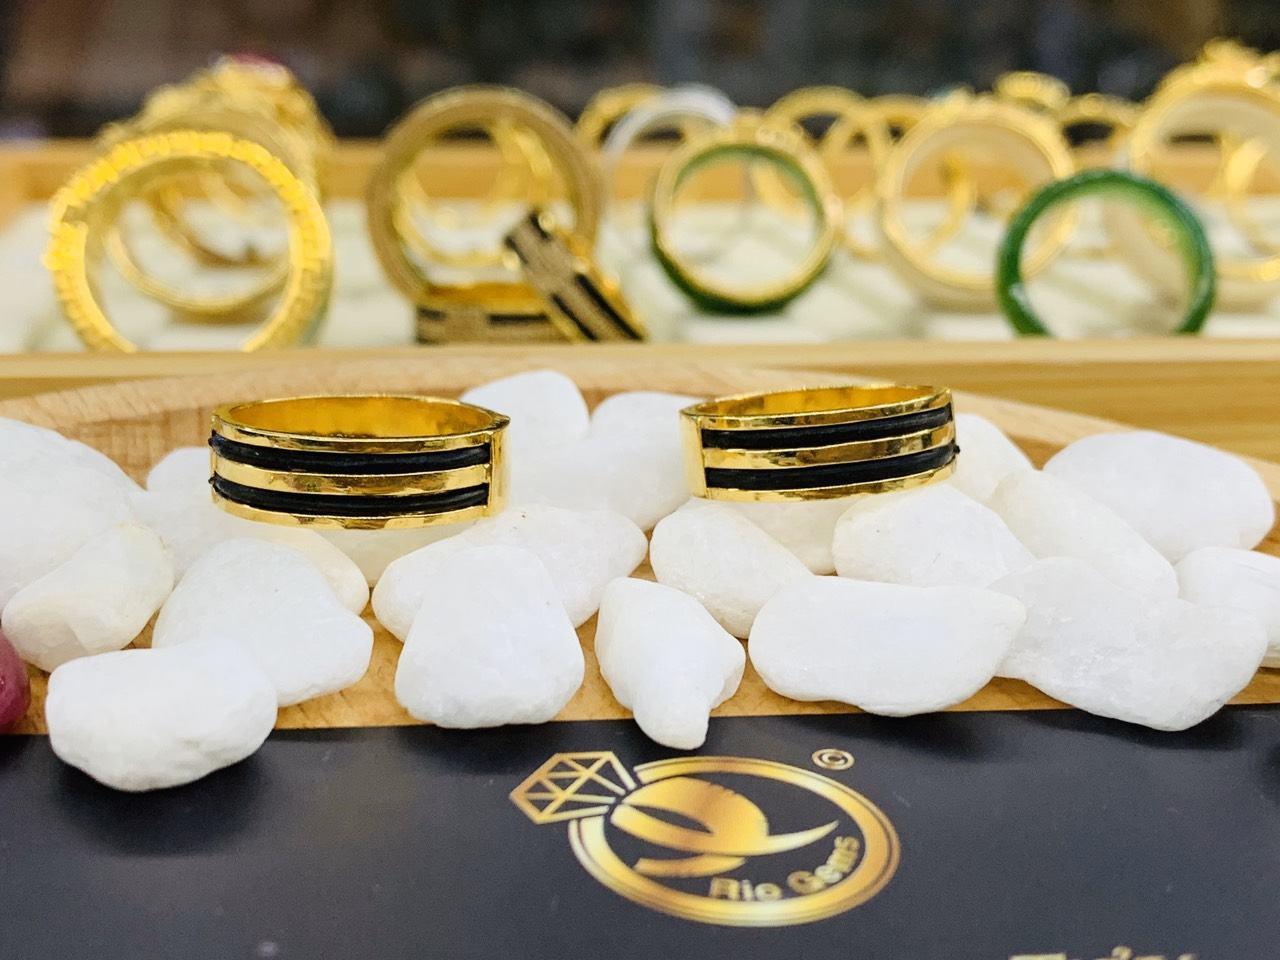 Cặp nhẫn vàng 18K khắc tên MIỄN PHÍ